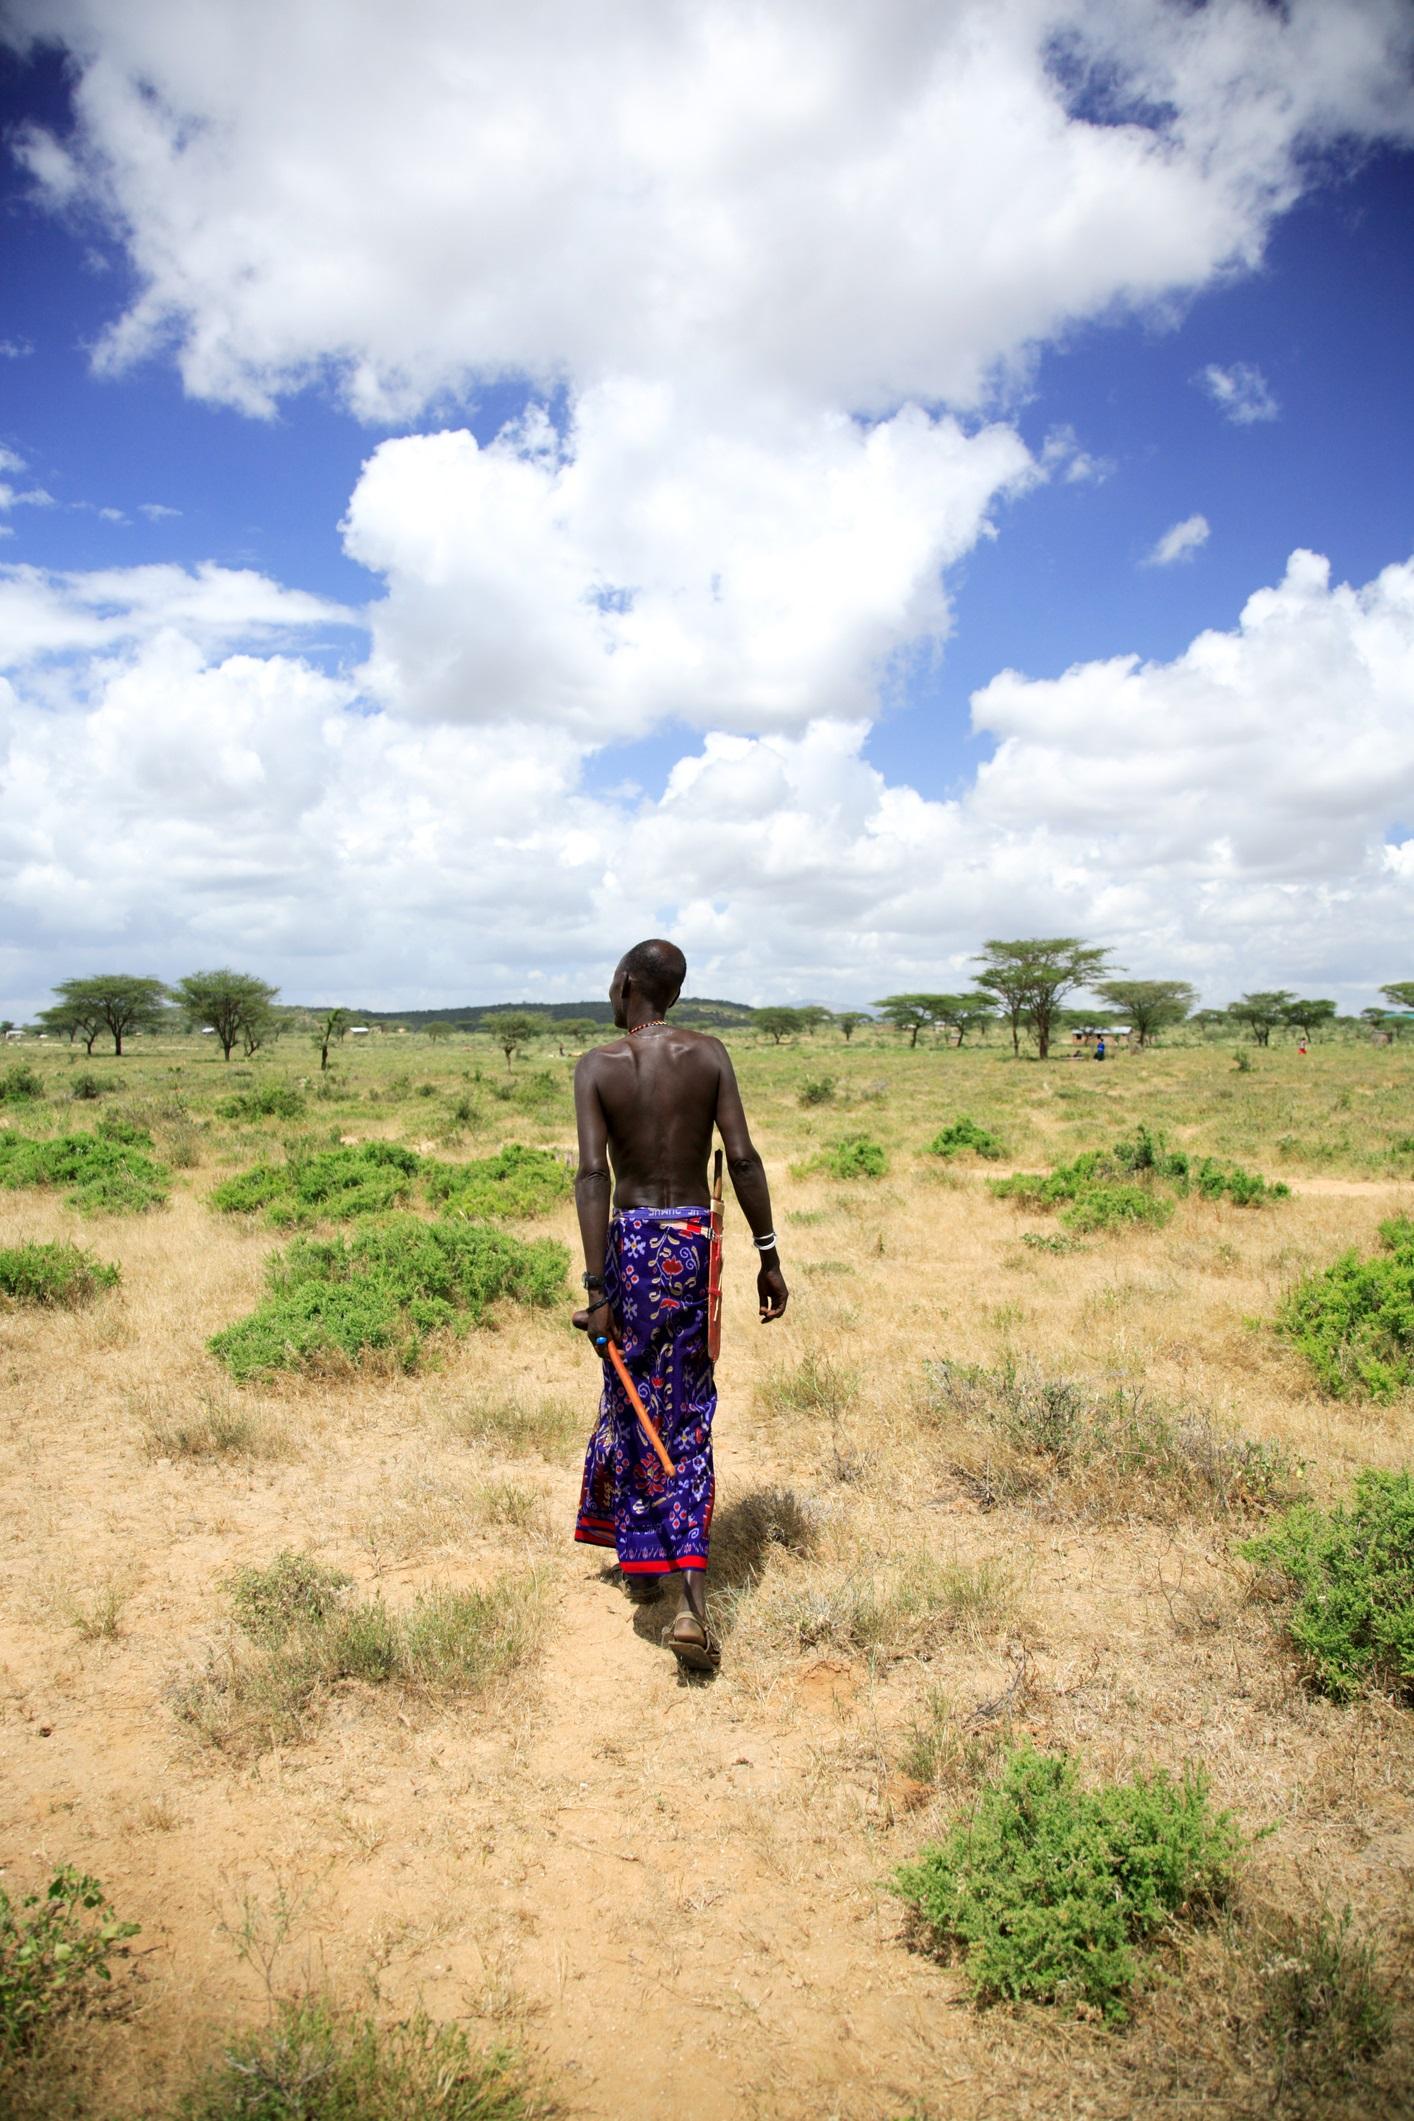 """Освен забележителностите на дивата природа, които привличат повечето посетители в южната част на Кения, Националният резерват Самбуру също е дом на впечатляващата """"втора дивизия"""", която местните водачи наричат """"Специалните пет на Самбуру"""" – Източноафрикански орикс (вид антиопа), мрежест жираф, зебра на Греви, сомалийски щраус и елегантната антилопа Геренук."""